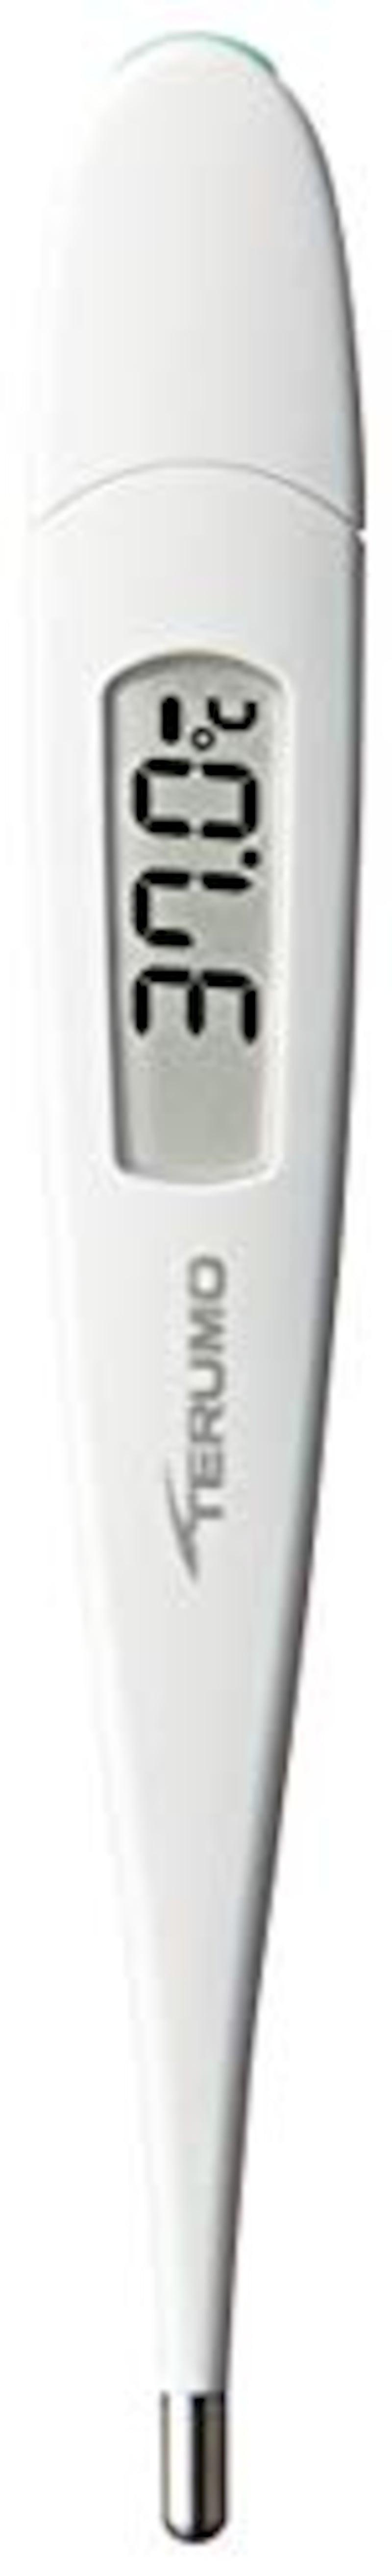 TERUMO(テルモ),電子体温計,ET-C232P